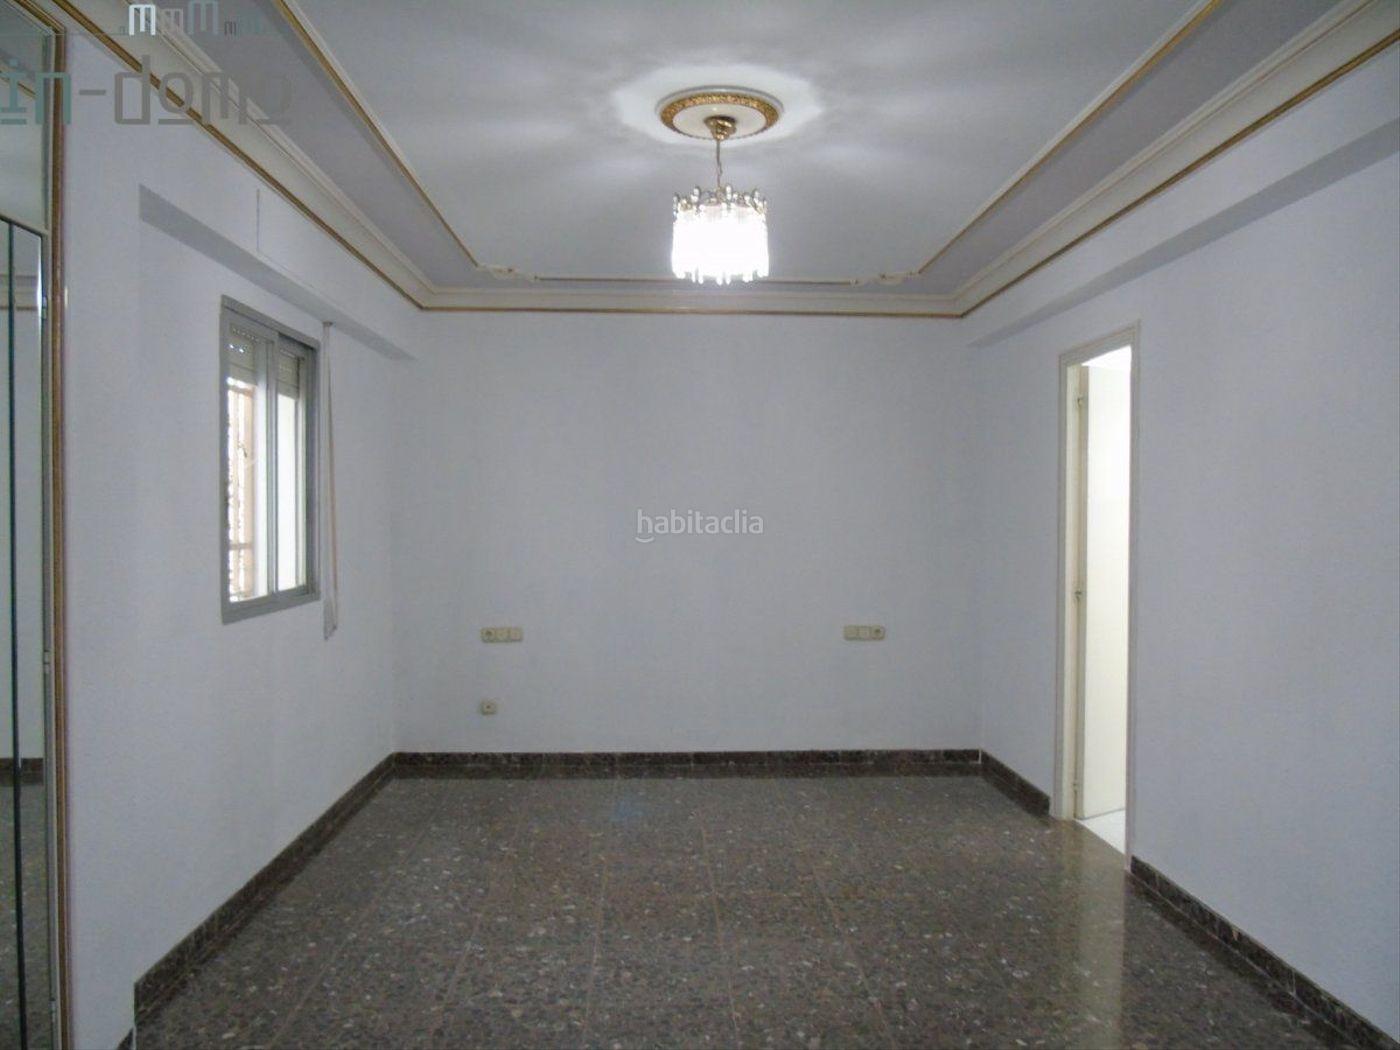 Excelente ubicación piso con ter Massamagrell